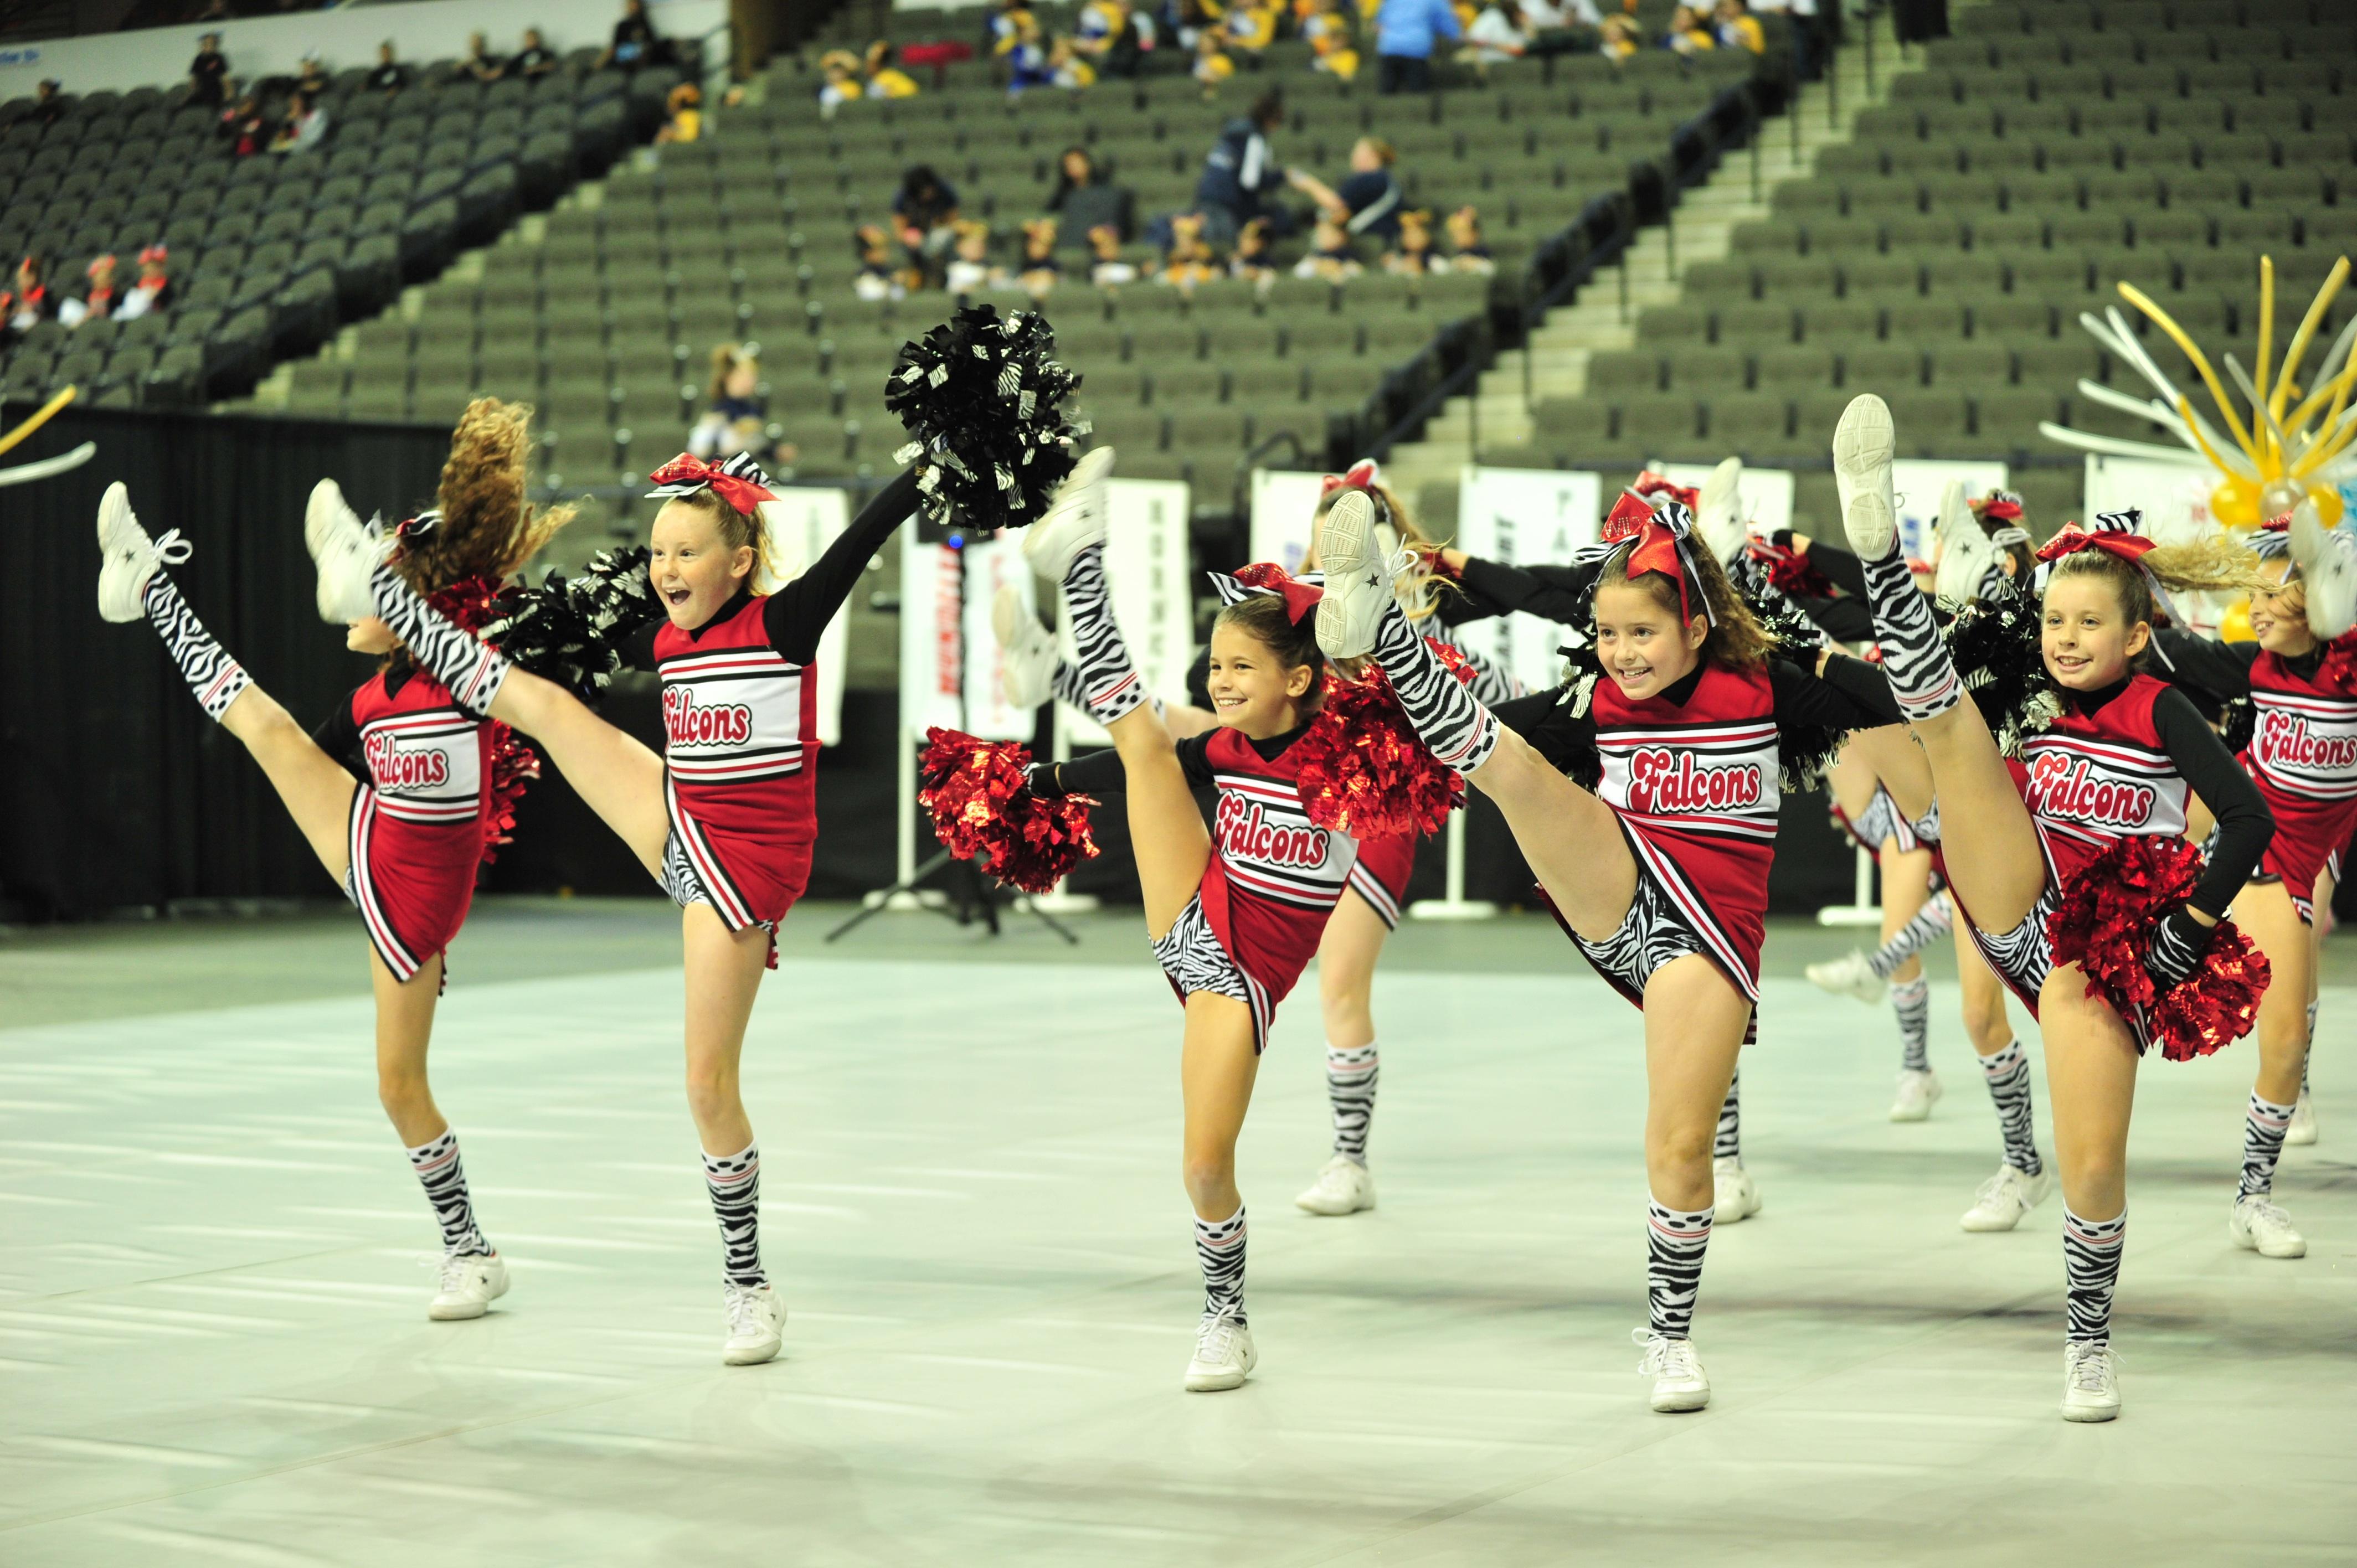 #Denver #Broncos #Cheerleaders #NFL | Hot cheerleaders, Broncos cheerleaders, Denver bronco